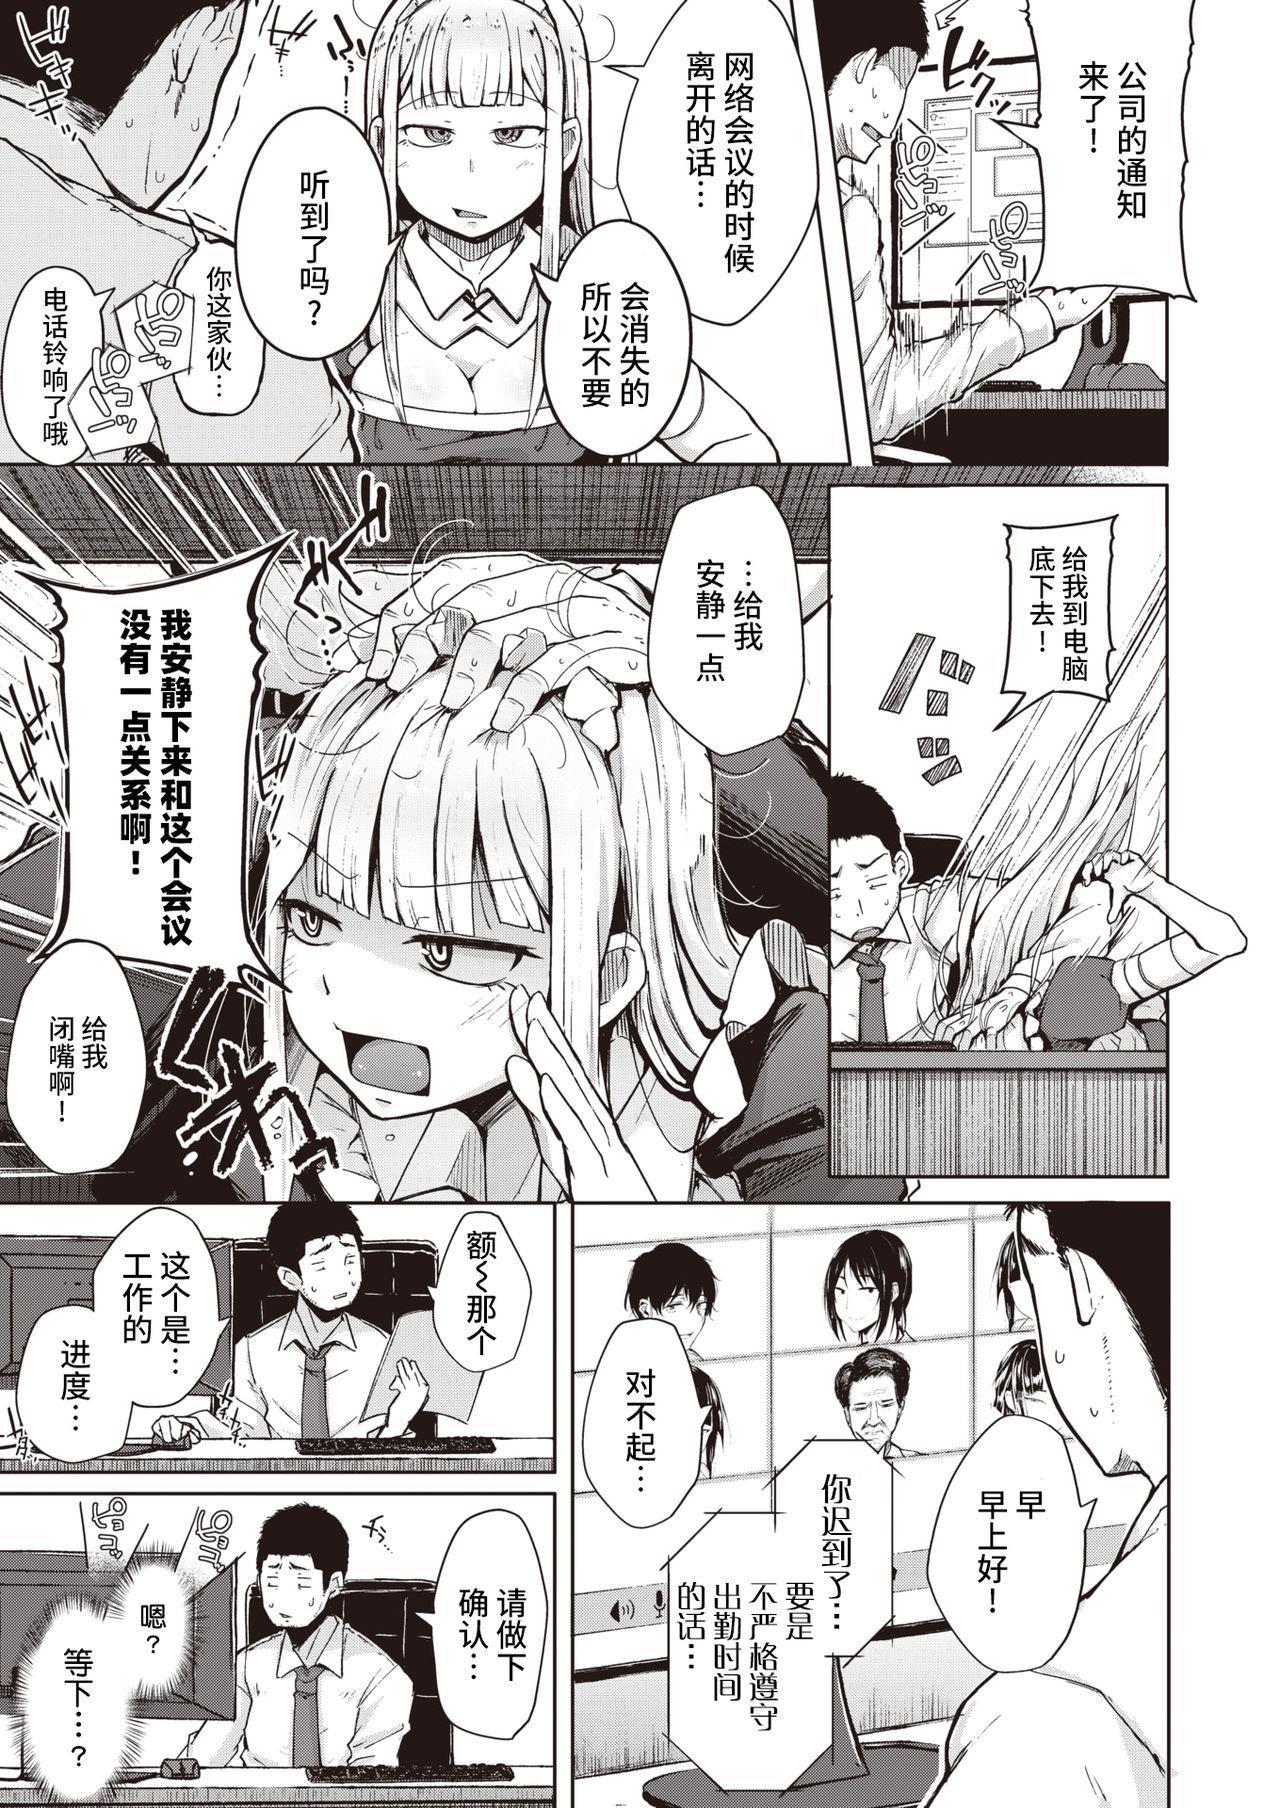 Tsukumogami - The more useful the more Ecchi!!! 6